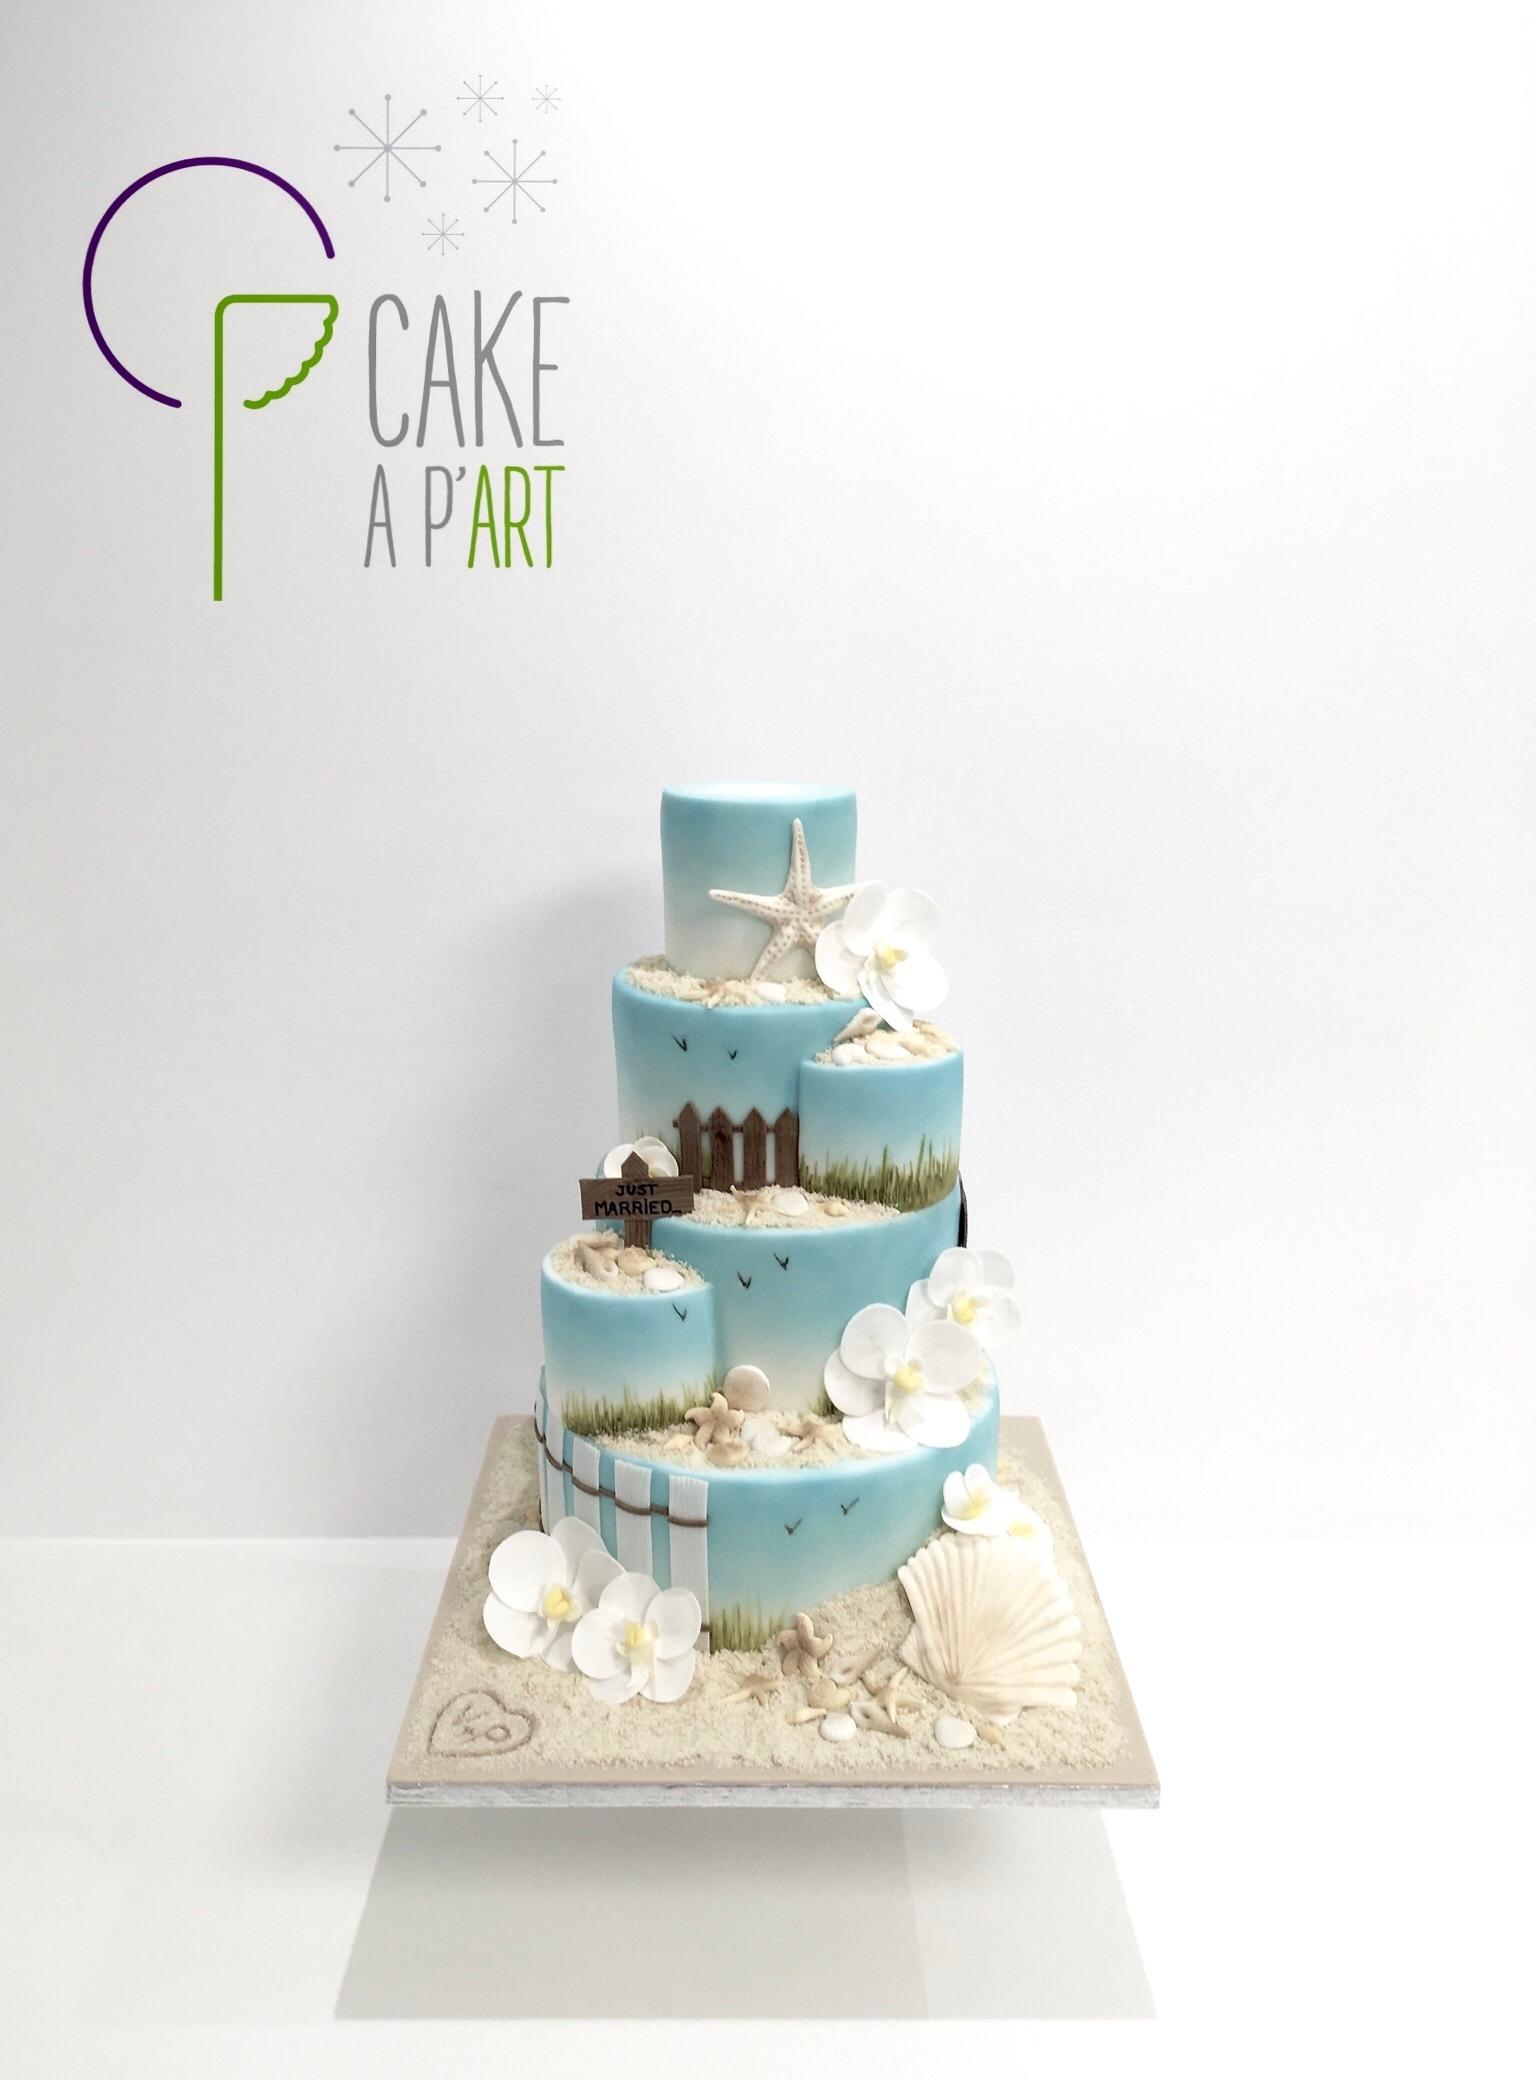 Wedding Cake Pièce montée Mariage - Thème Mer et Bord de plage